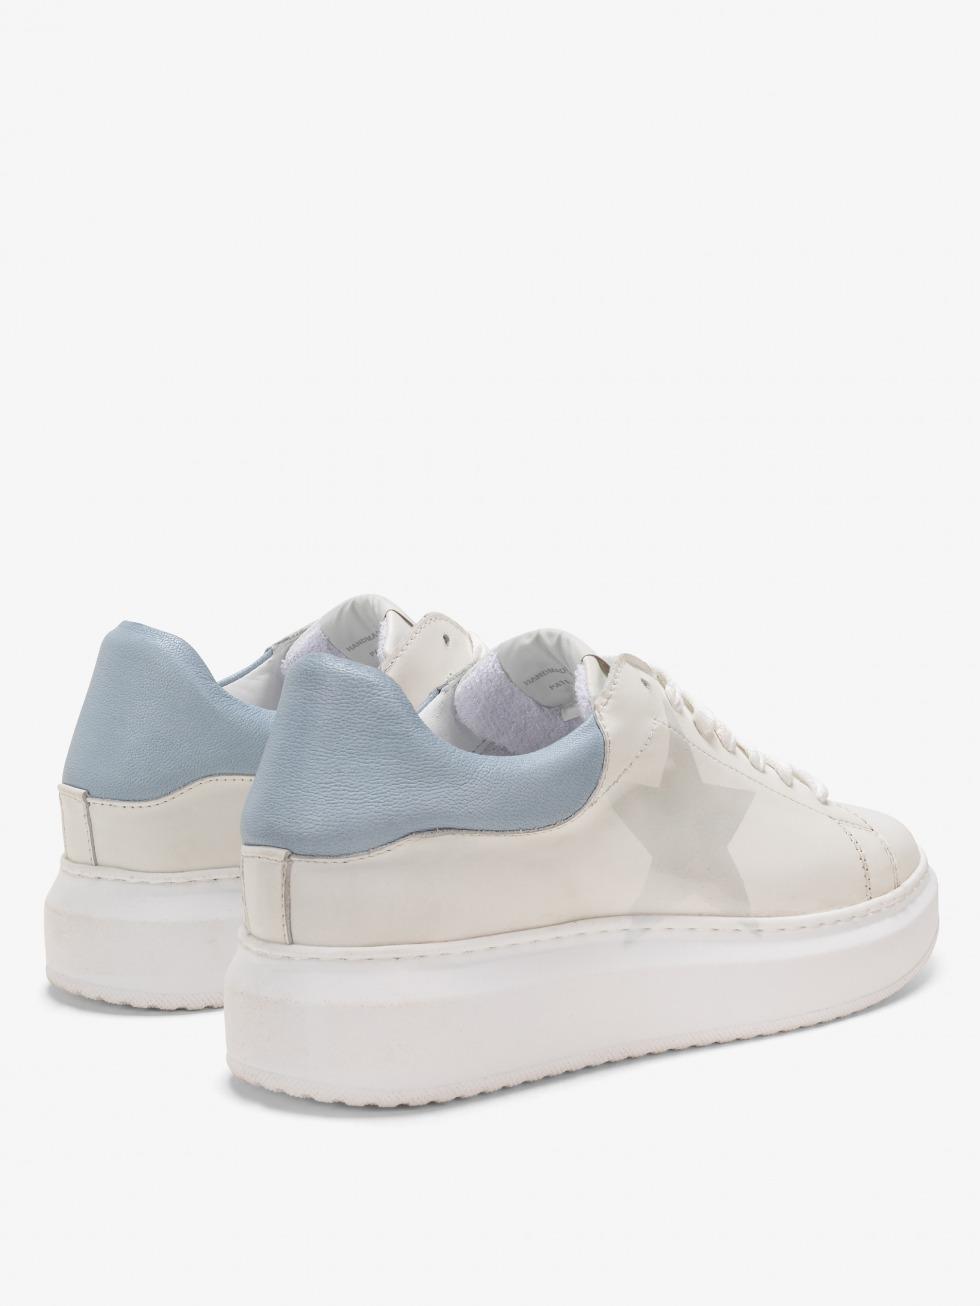 Angel Sneakers Denim - Star